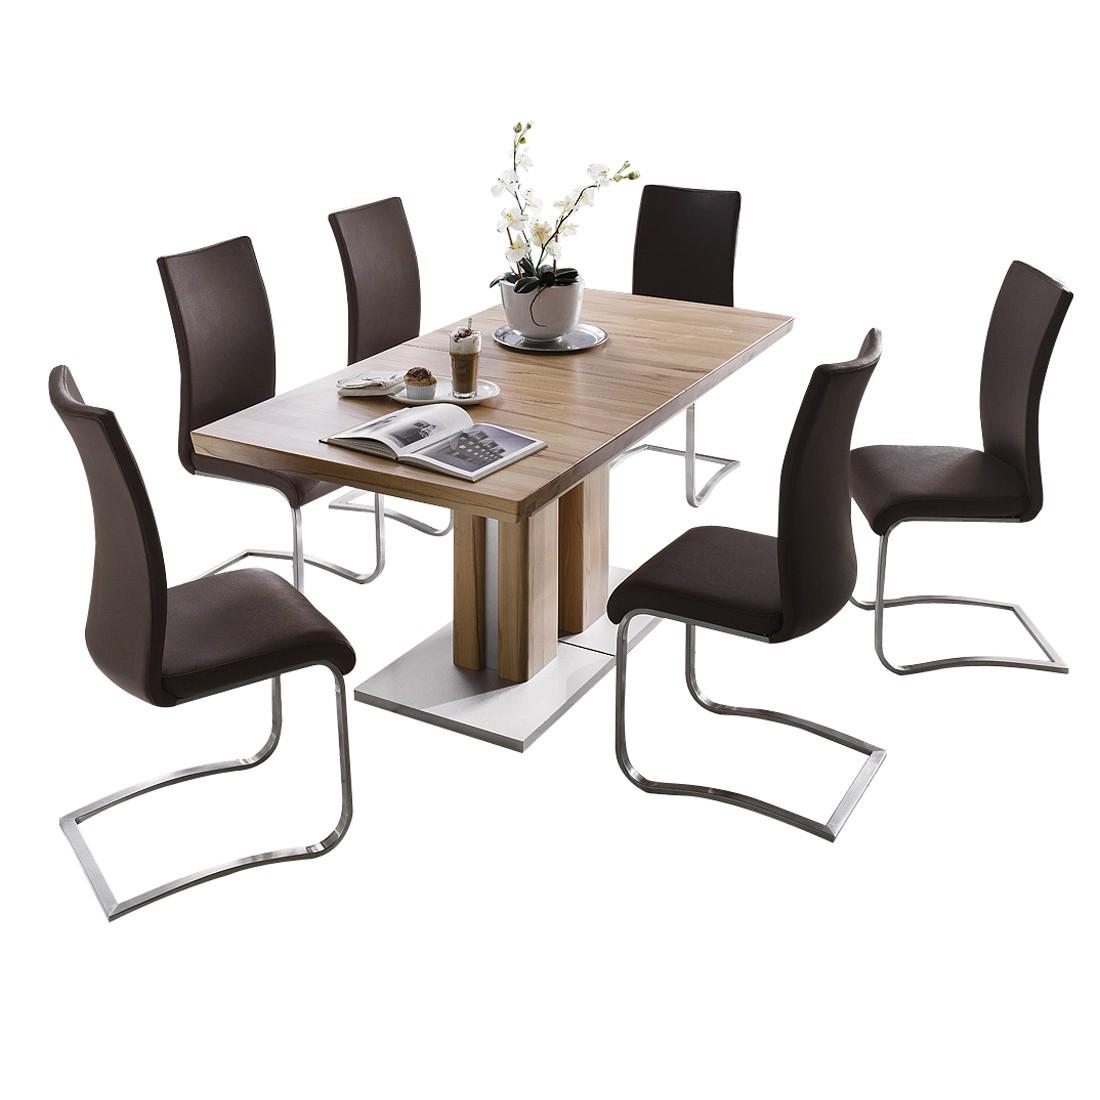 Home 24 - Ensemble de salle à manger estefanie (7 éléments) - hêtre massif - cuir synthétique marron, loftscape